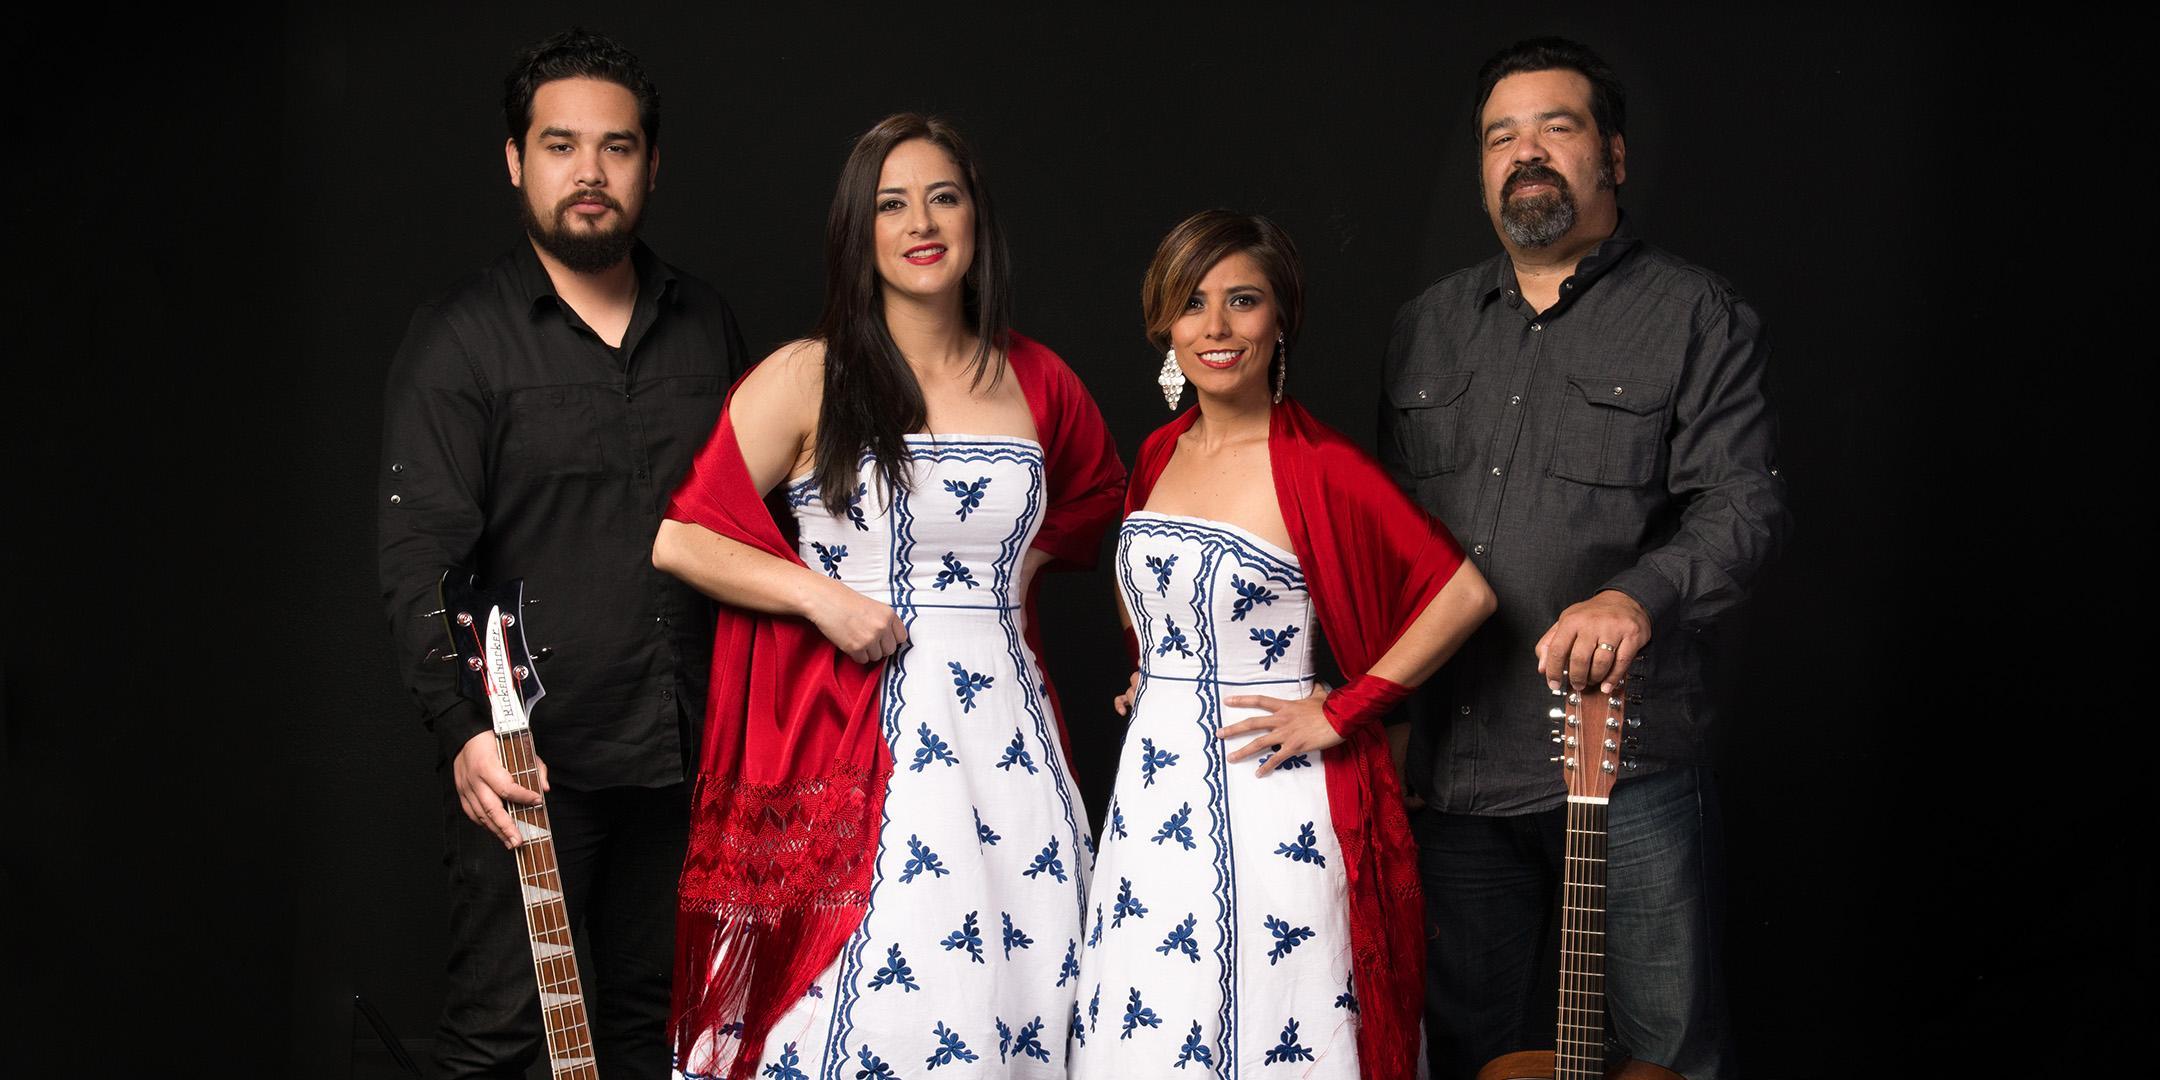 Pasados del Presidio - Music by Los Cenzontle